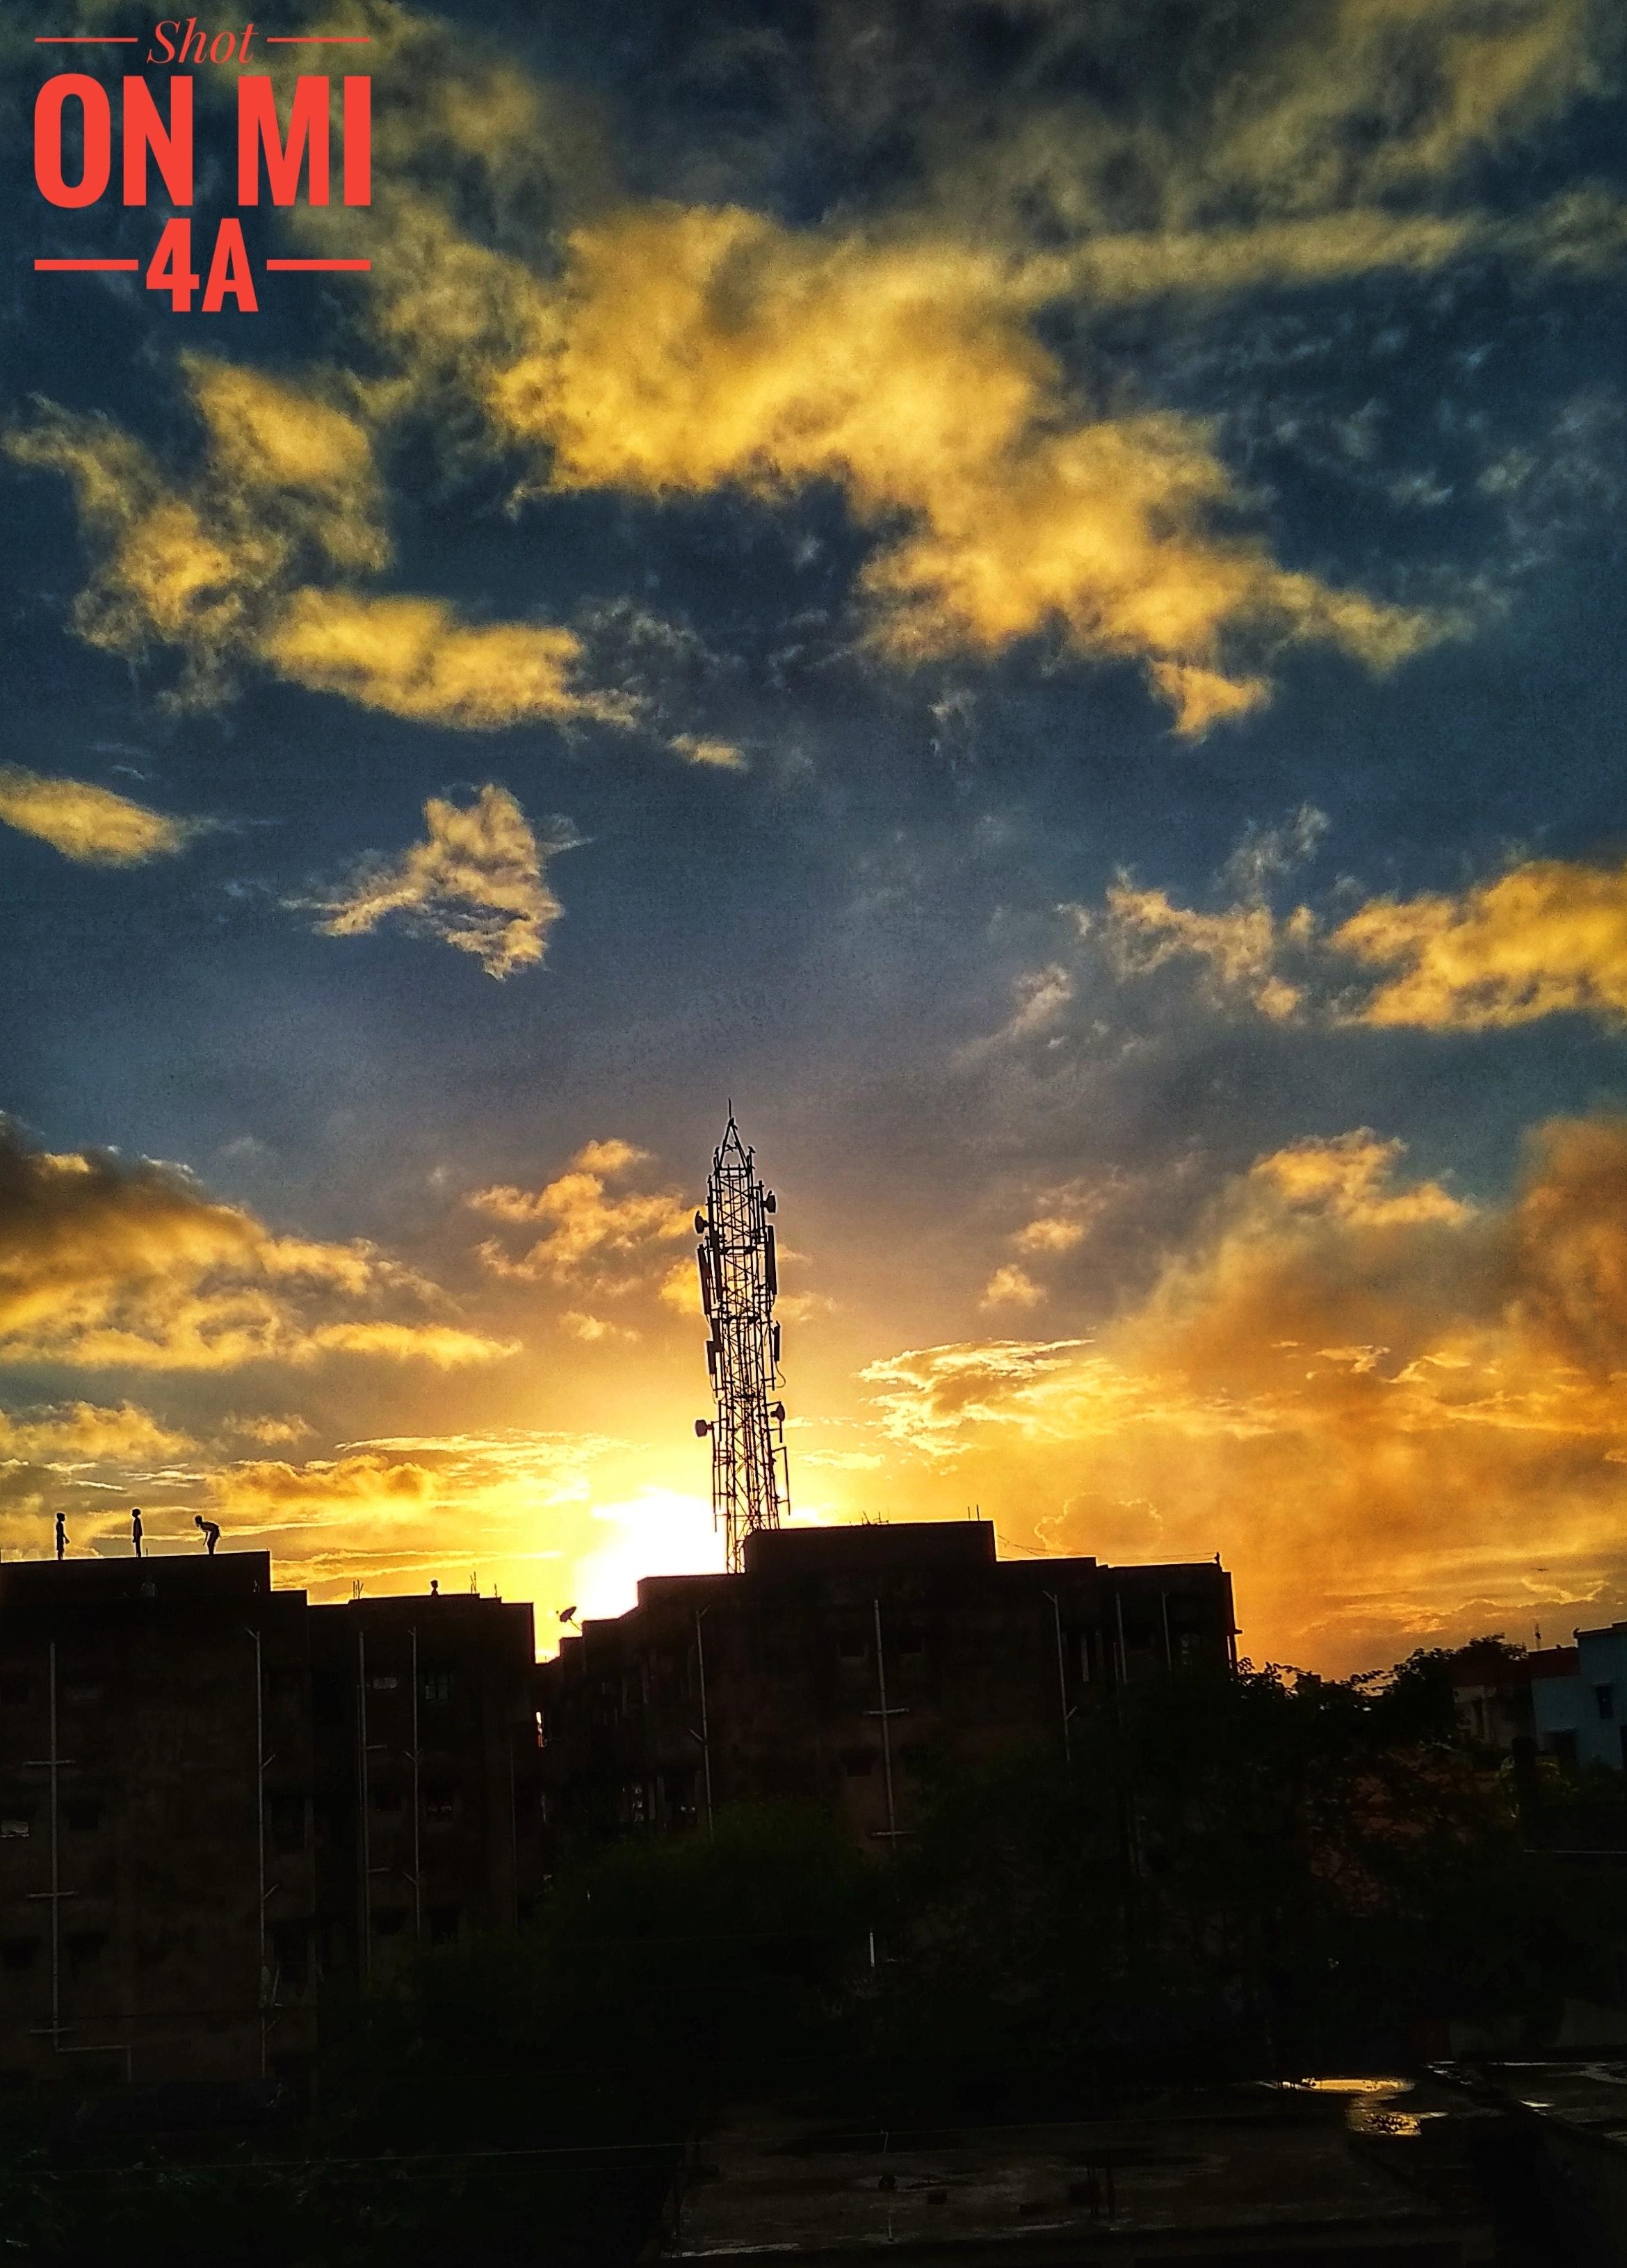 Foto De Stock Gratuita Sobre Cielo Impresionante Fotografía De